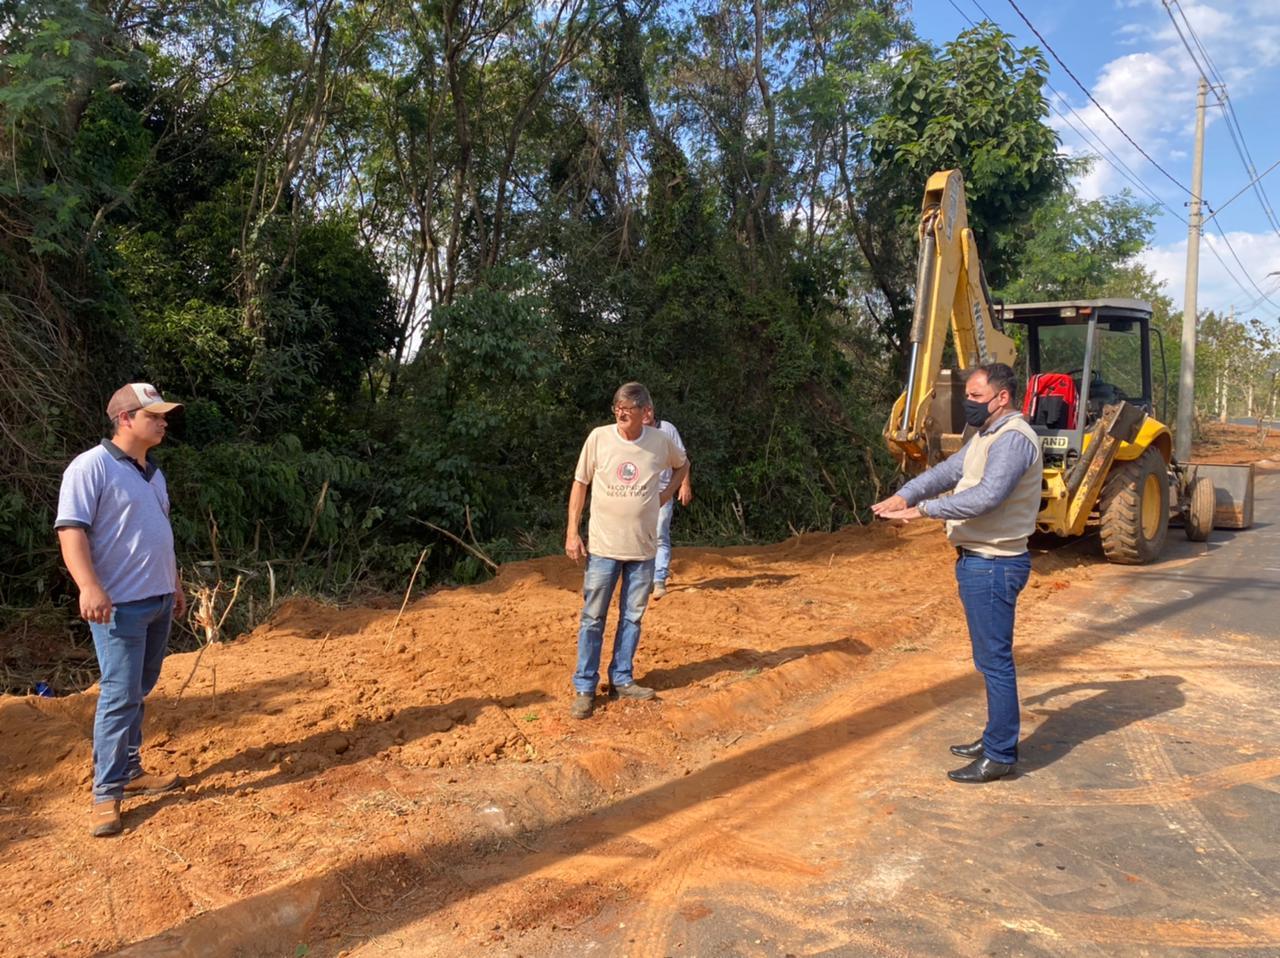 Prefeitura inicia obra para continuidade de construção da calçada na Avenida dos Moreiras